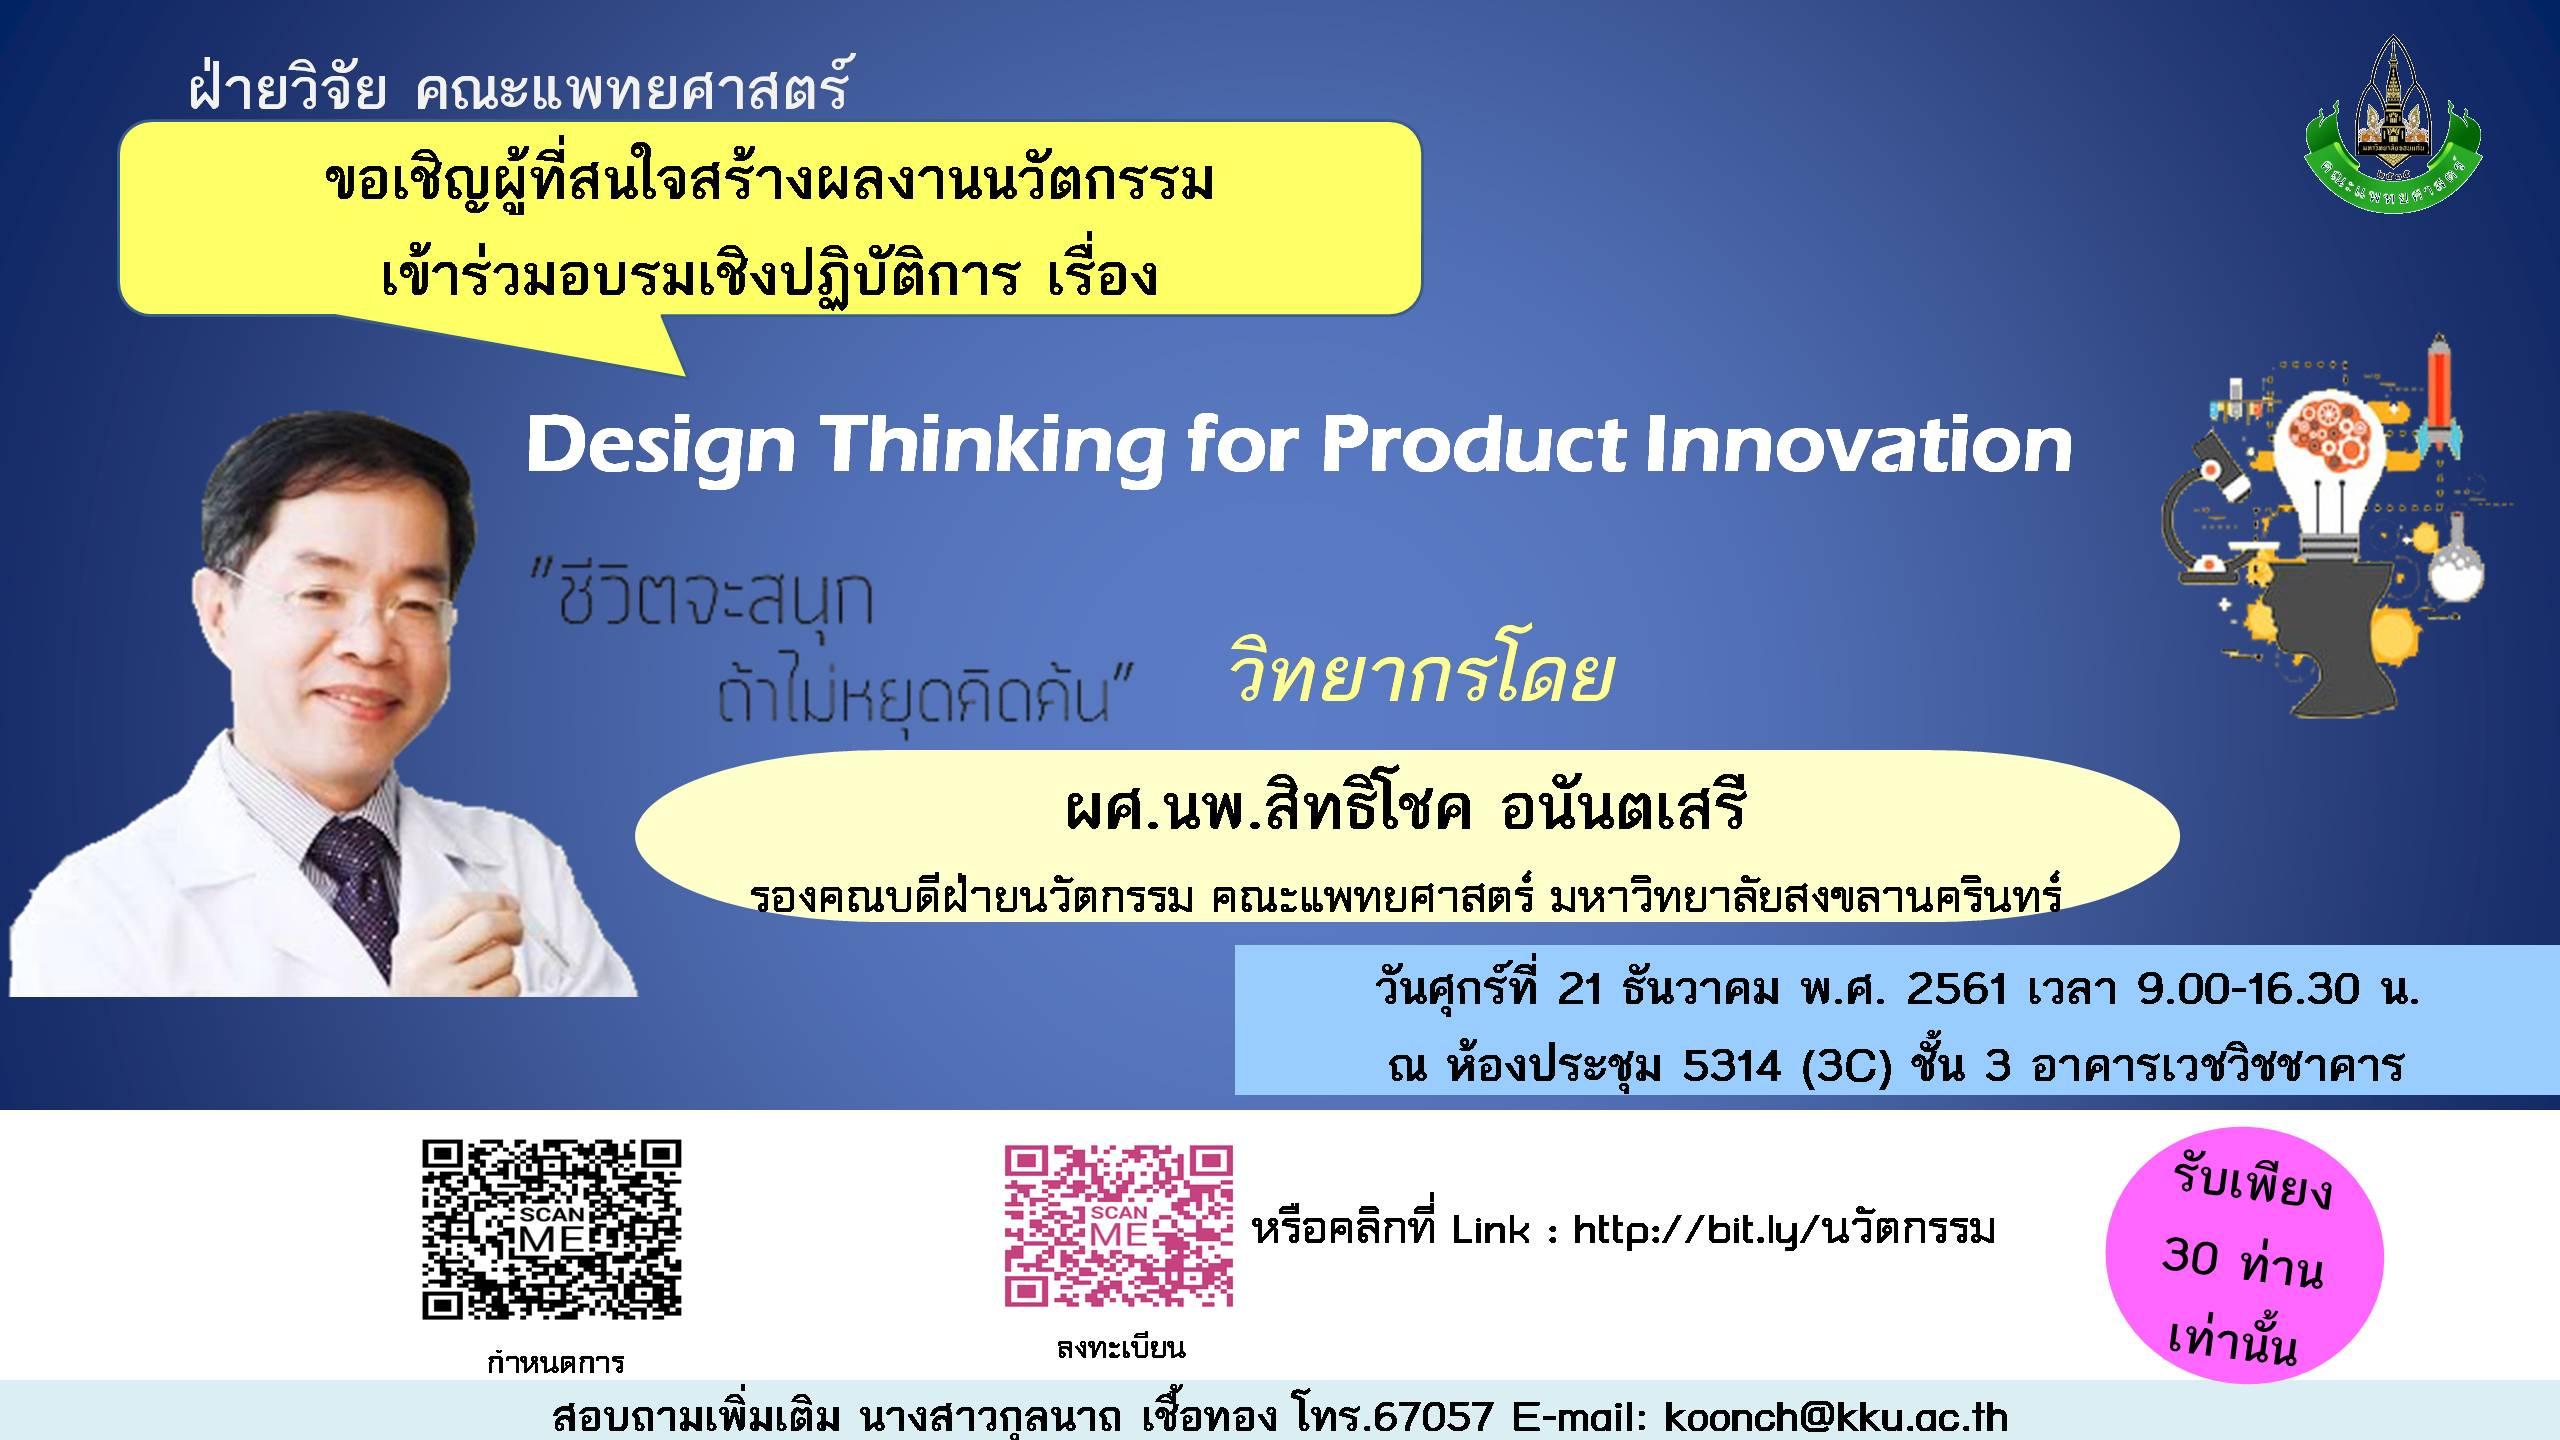 การอบรมเชิงปฏิบัติการ เรื่อง Design thinking for product innovation